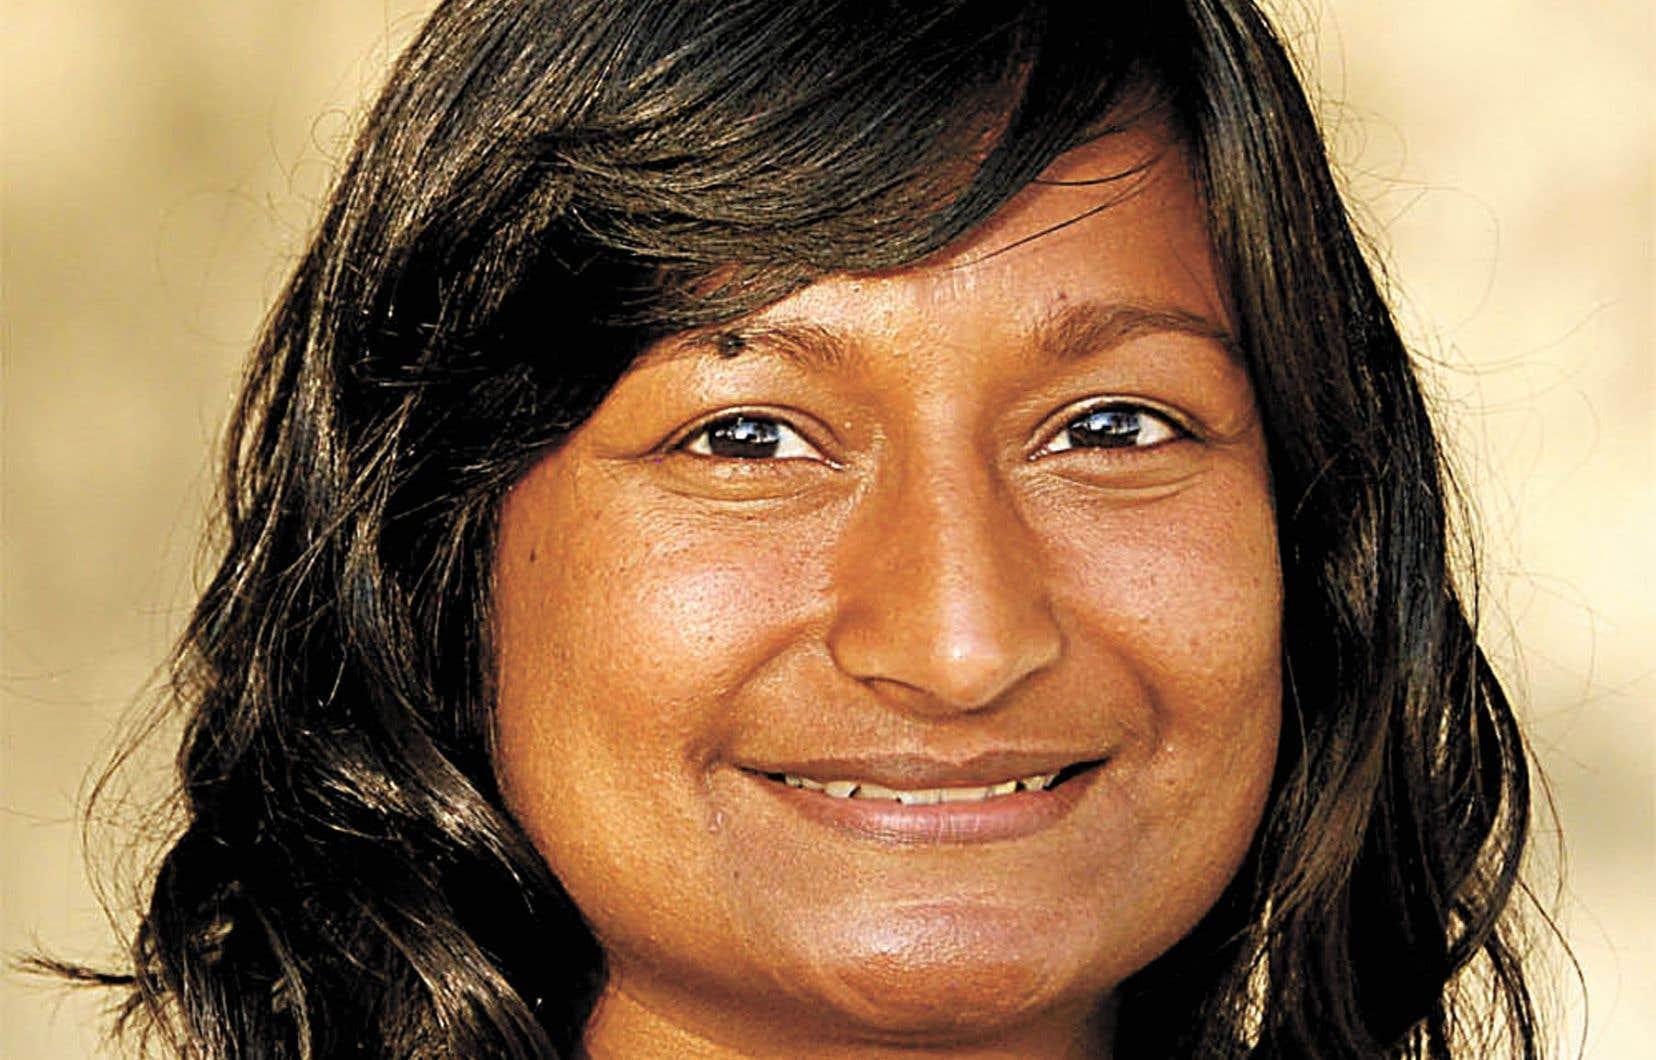 Sharon Bala évoque l'accostage du «MV Sun Sea», un navire transportant des centaines d'hommes, de femmes et d'enfants tamouls fuyant la persécution au Sri Lanka, sur les côtes de la Colombie-Britannique en août 2010.